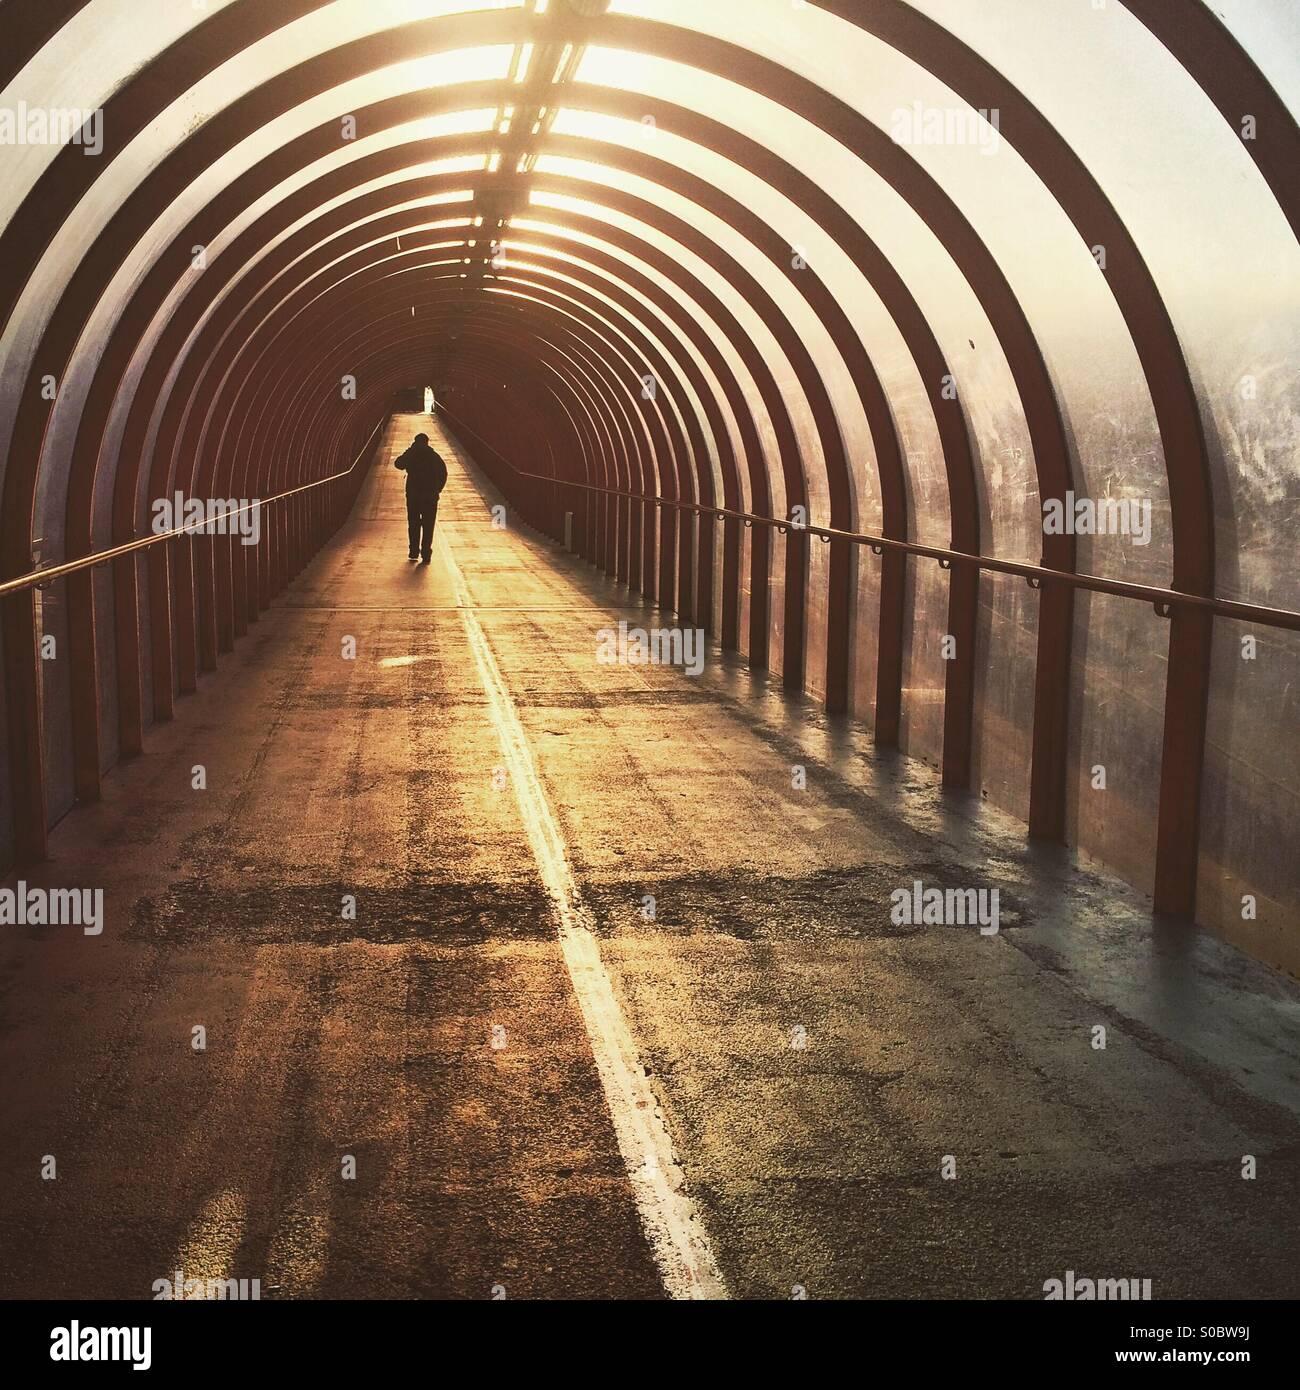 Una silhouette di un uomo che cammina verso il basso un tunnel a sunrise in Glasgow Immagini Stock